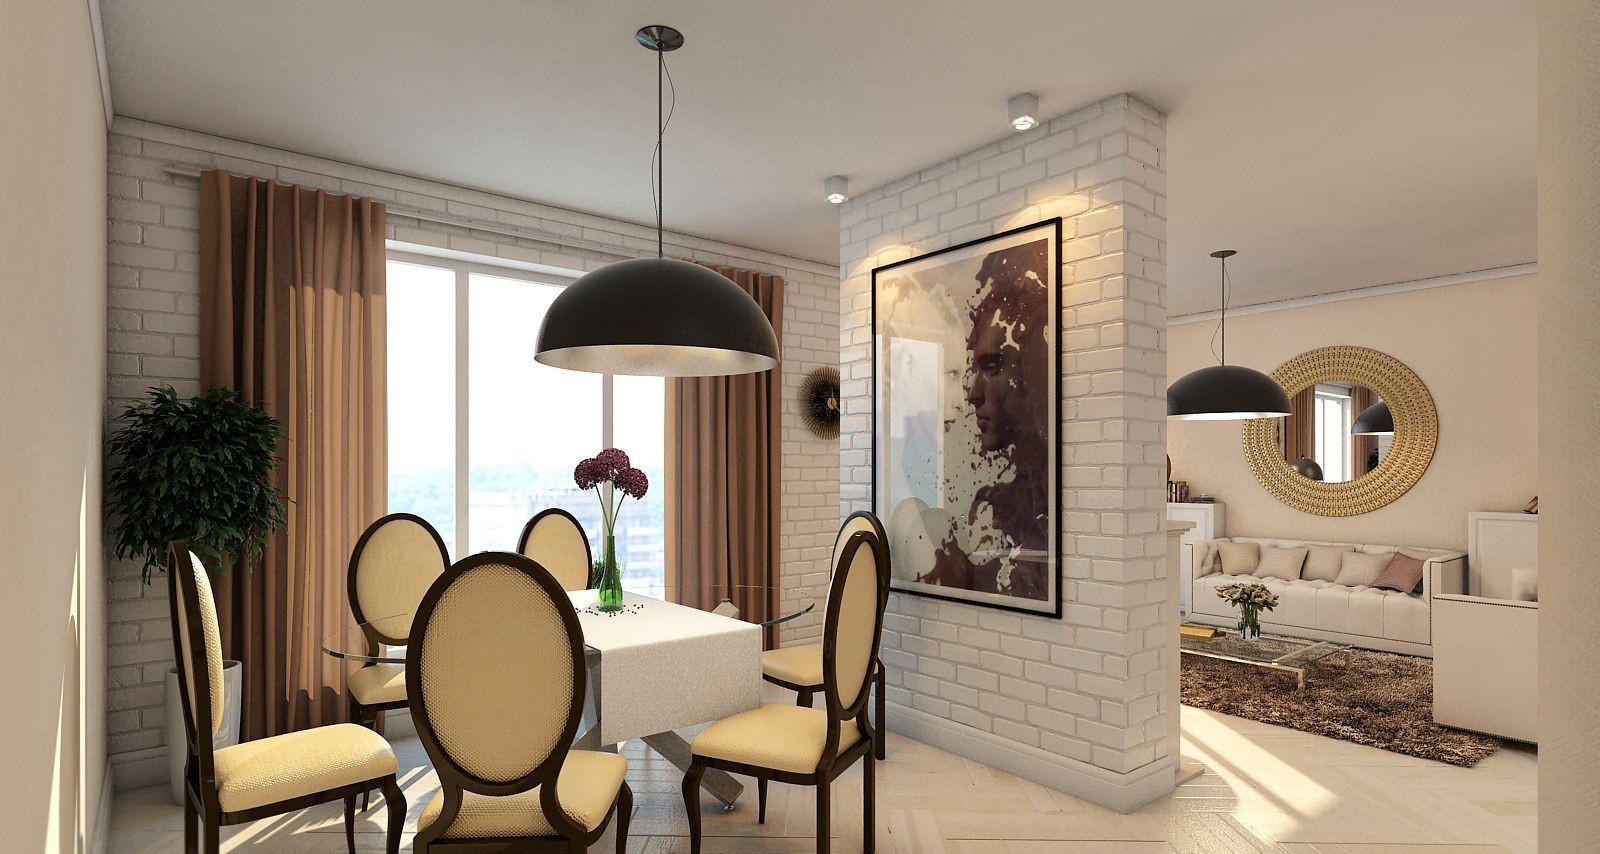 Мебелировка столовой зоны в квартире-студии 25 кв. м